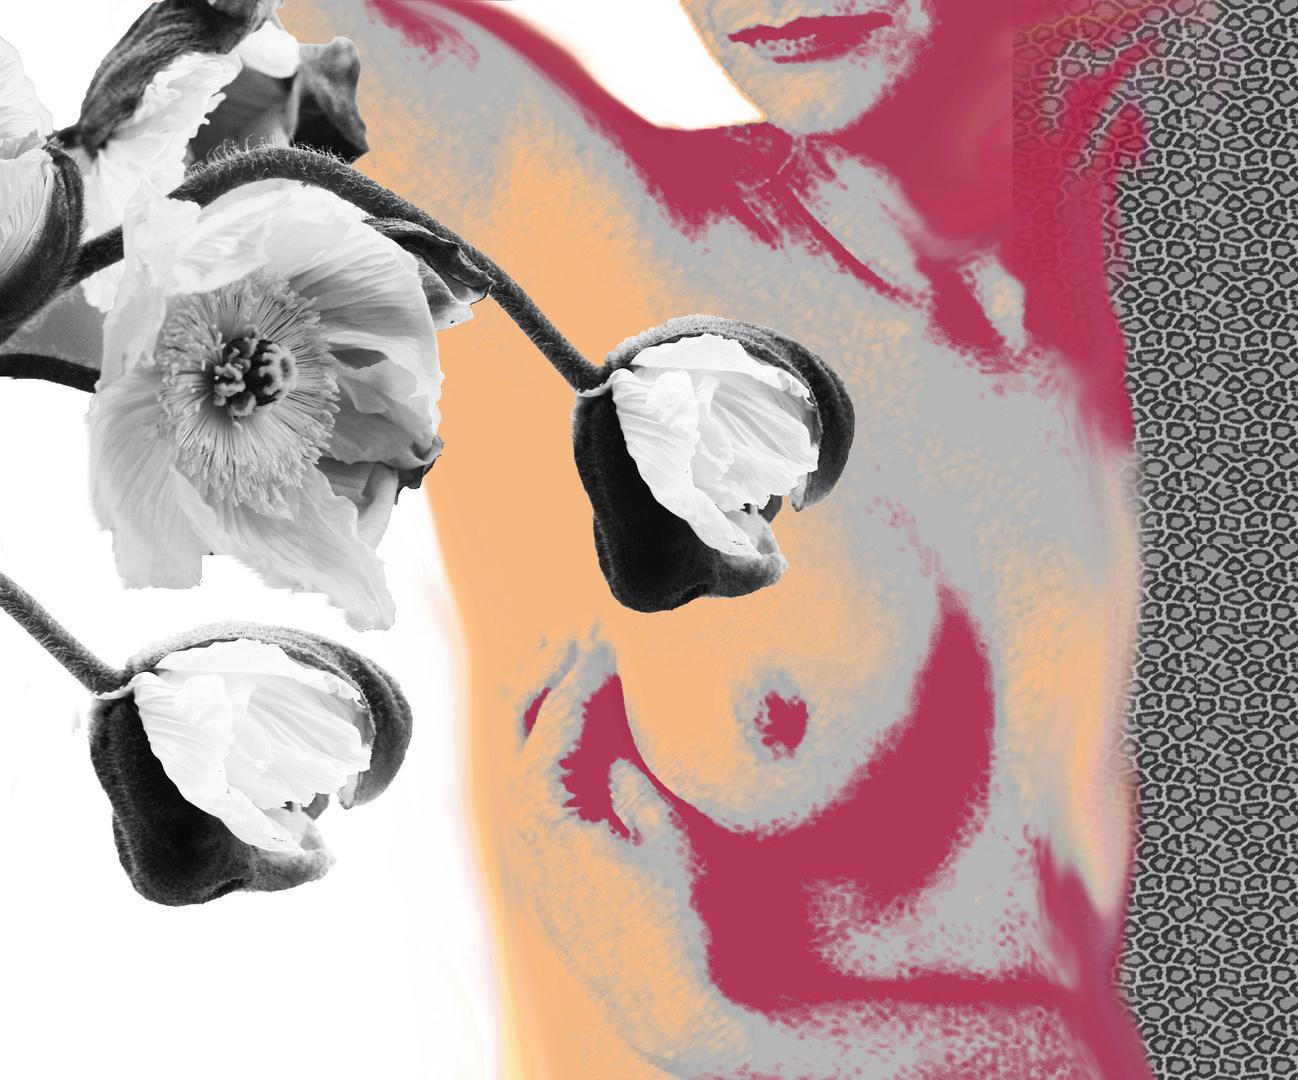 Frau rosa schwarz - weiss